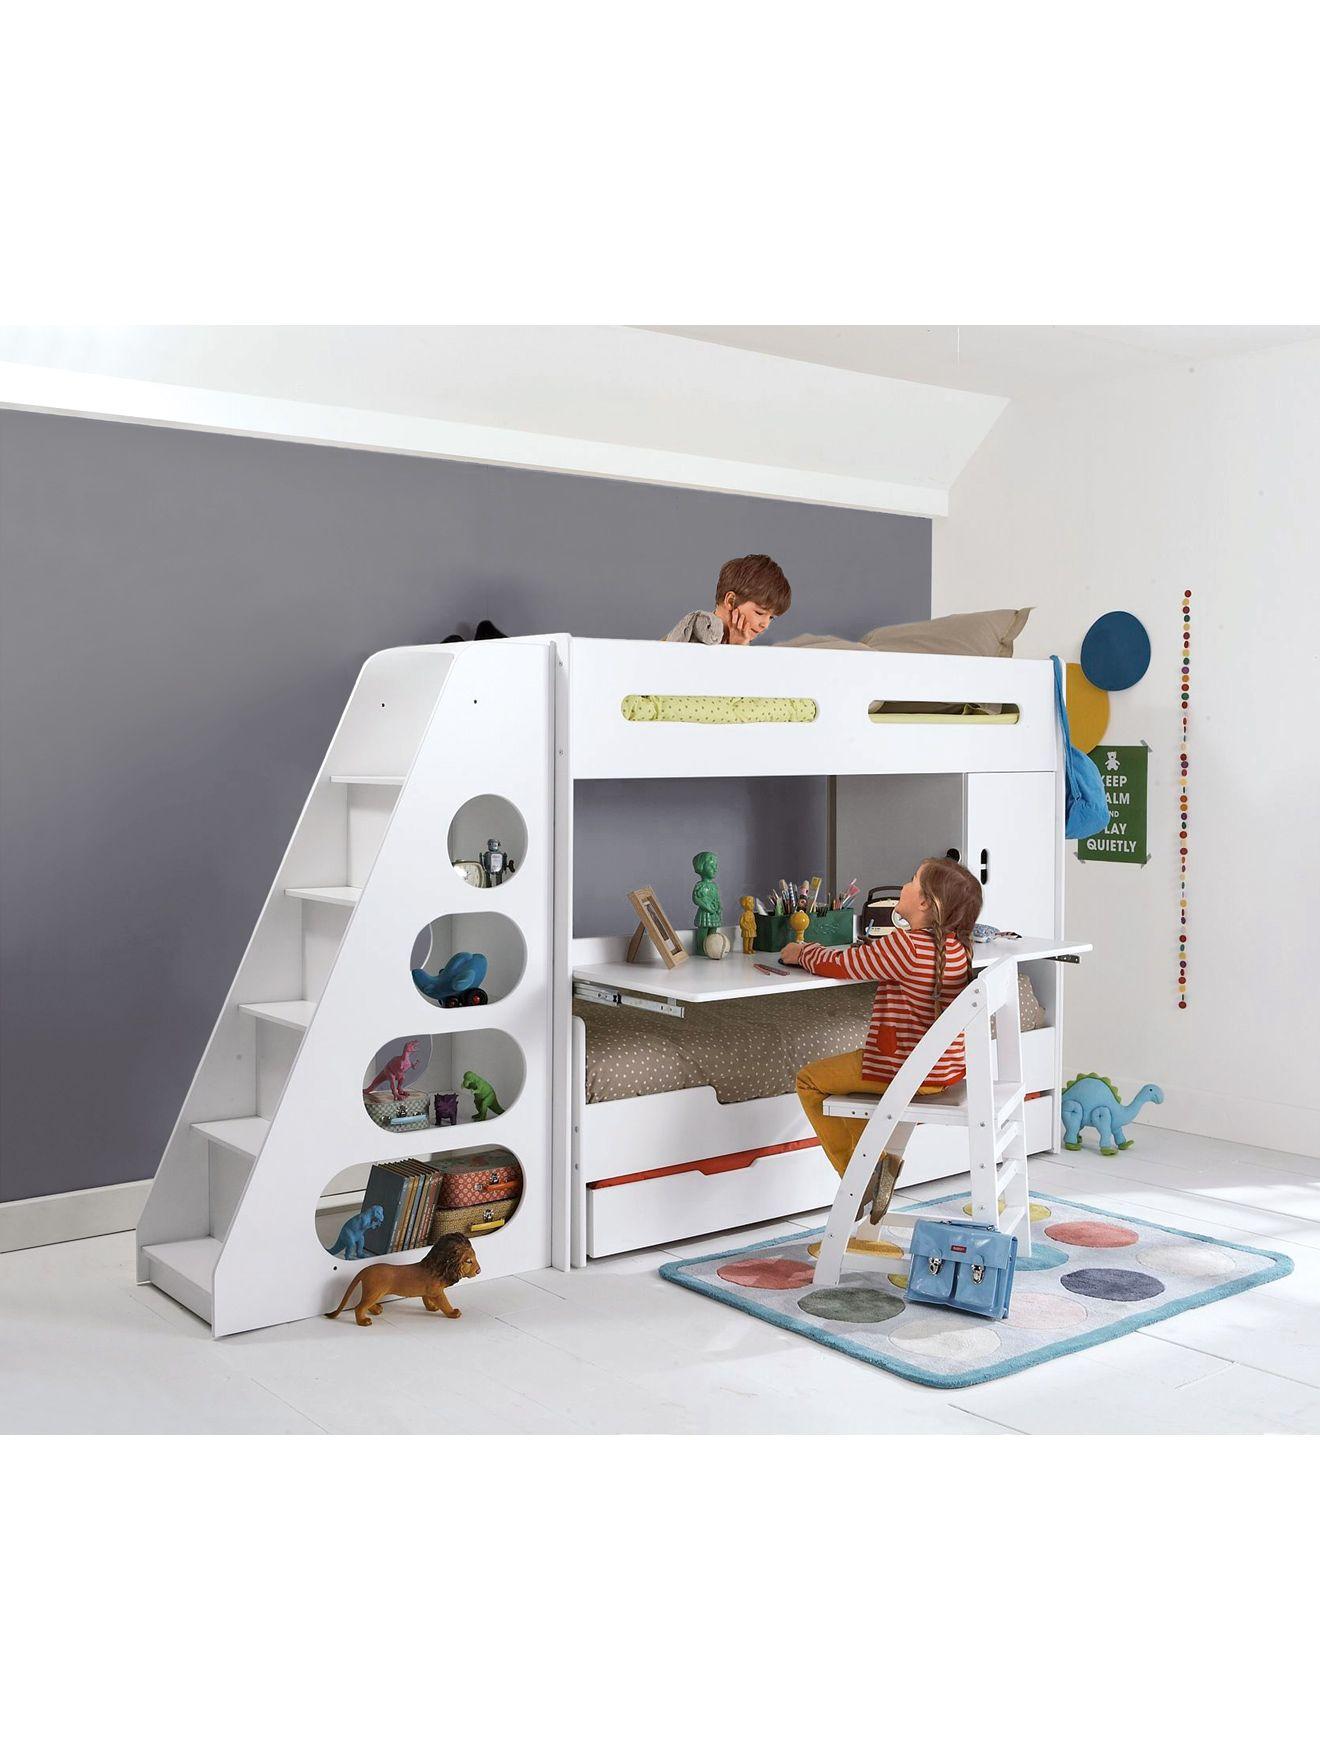 lit mezzanine enfant pour combiné évolutif combibed (bureau, lit